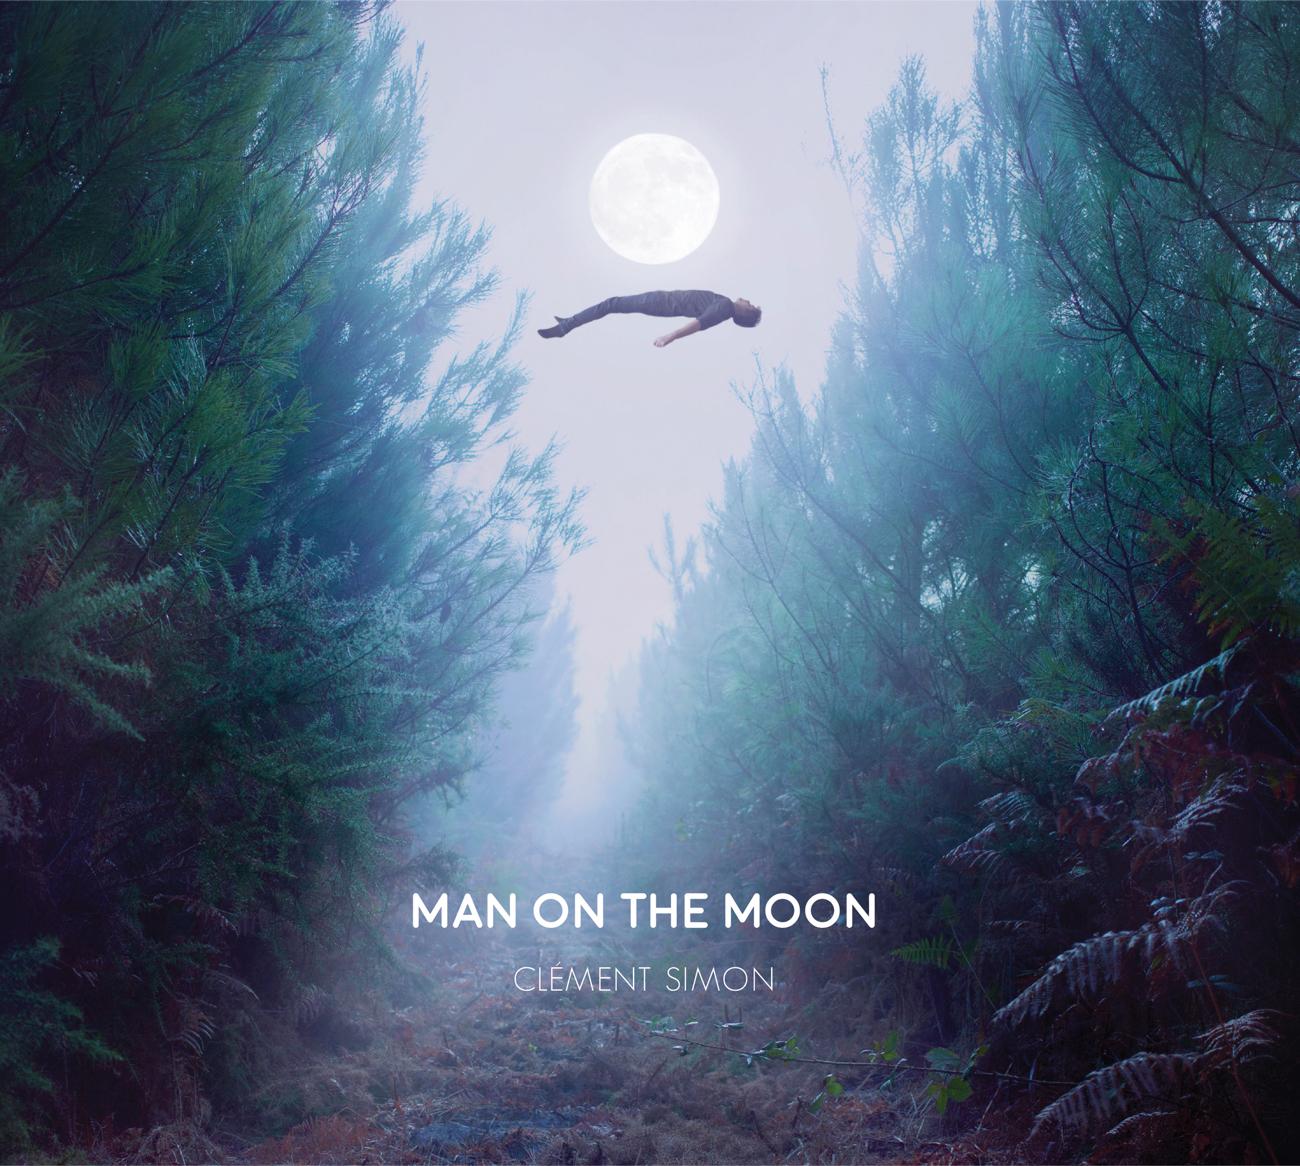 """Clément Simon   """"Man on the Moon"""" est un voyage initiatique, un décor d'ombres chinoises où se meuvent des silhouettes fantomatiques, une fresque épique où chaque composition, comme une chanson sans paroles, dessine les contours d'un rêve éveillé.   http://clementsimon.com"""